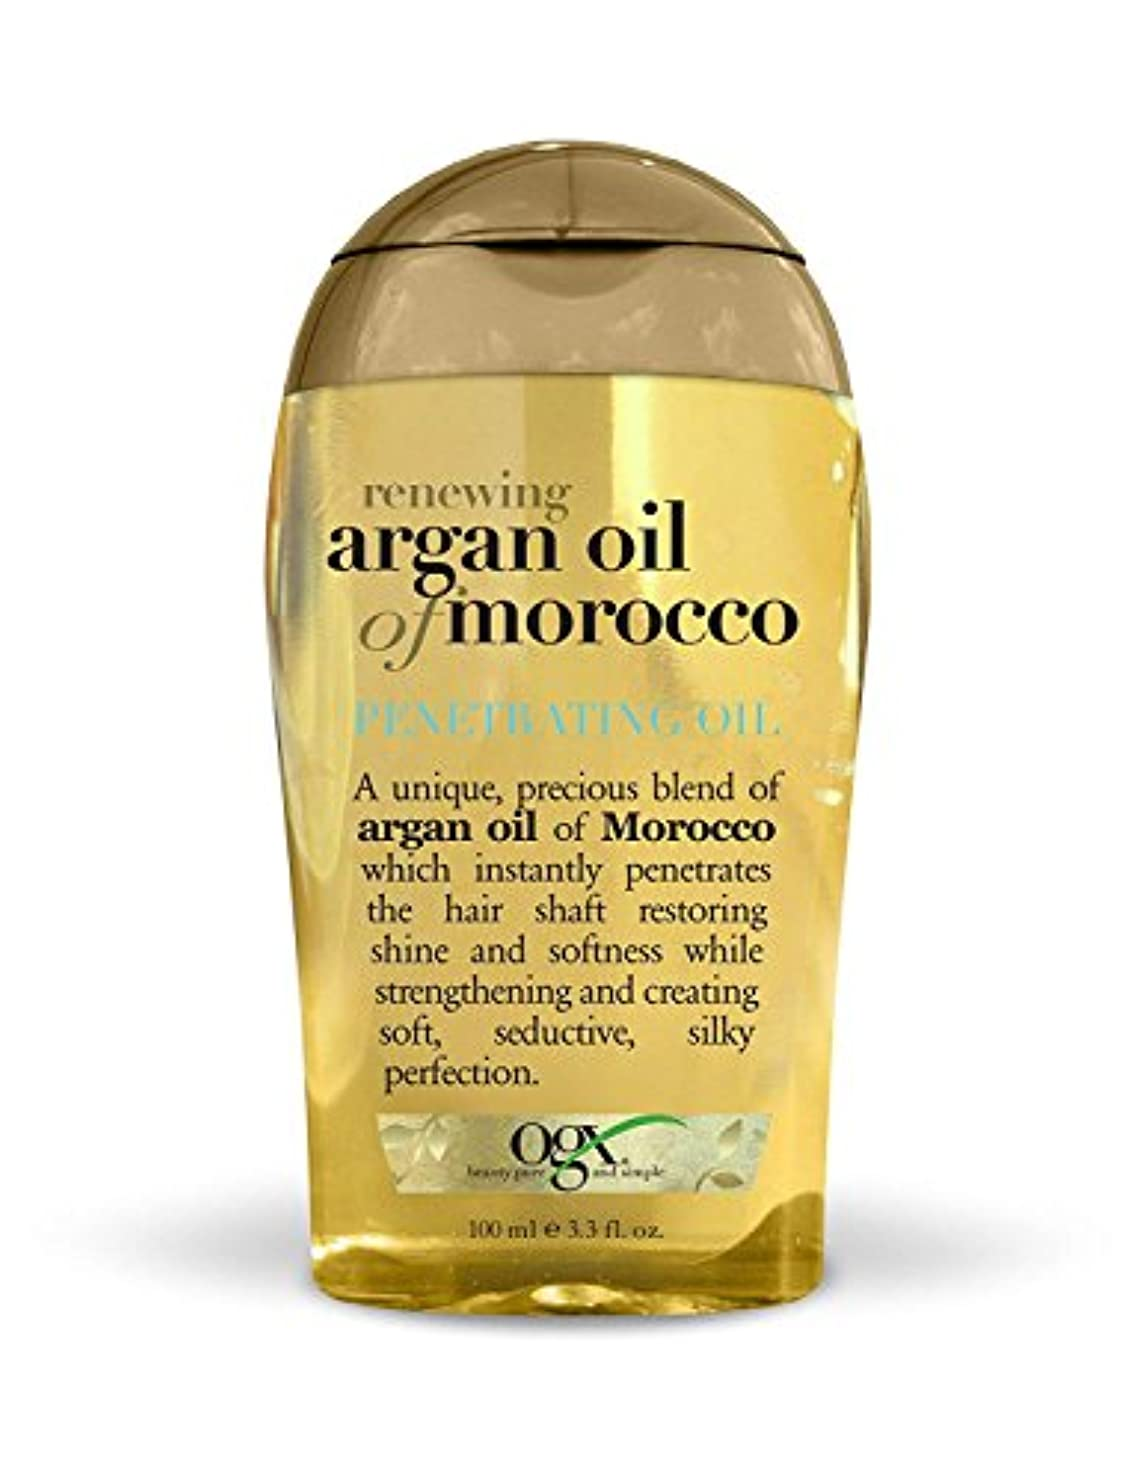 報奨金フェードアウト殉教者Organix Moroccan Argan Oil Penetrating Oil 100 ml x 2 パック (並行輸入品)